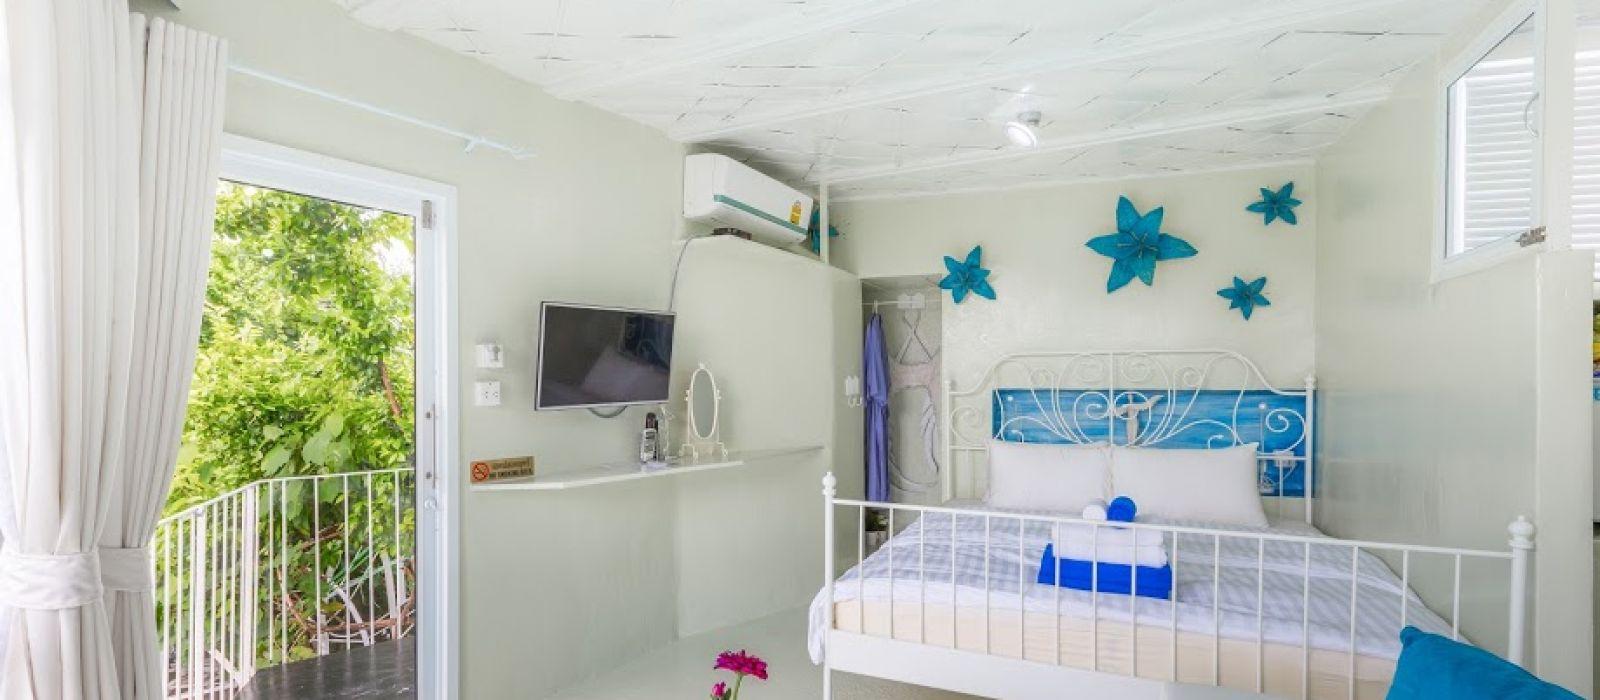 ห้องนอน ห้องนางฟ้า ให้รีสอร์ท ที่พักบางแสน ชลบุรี